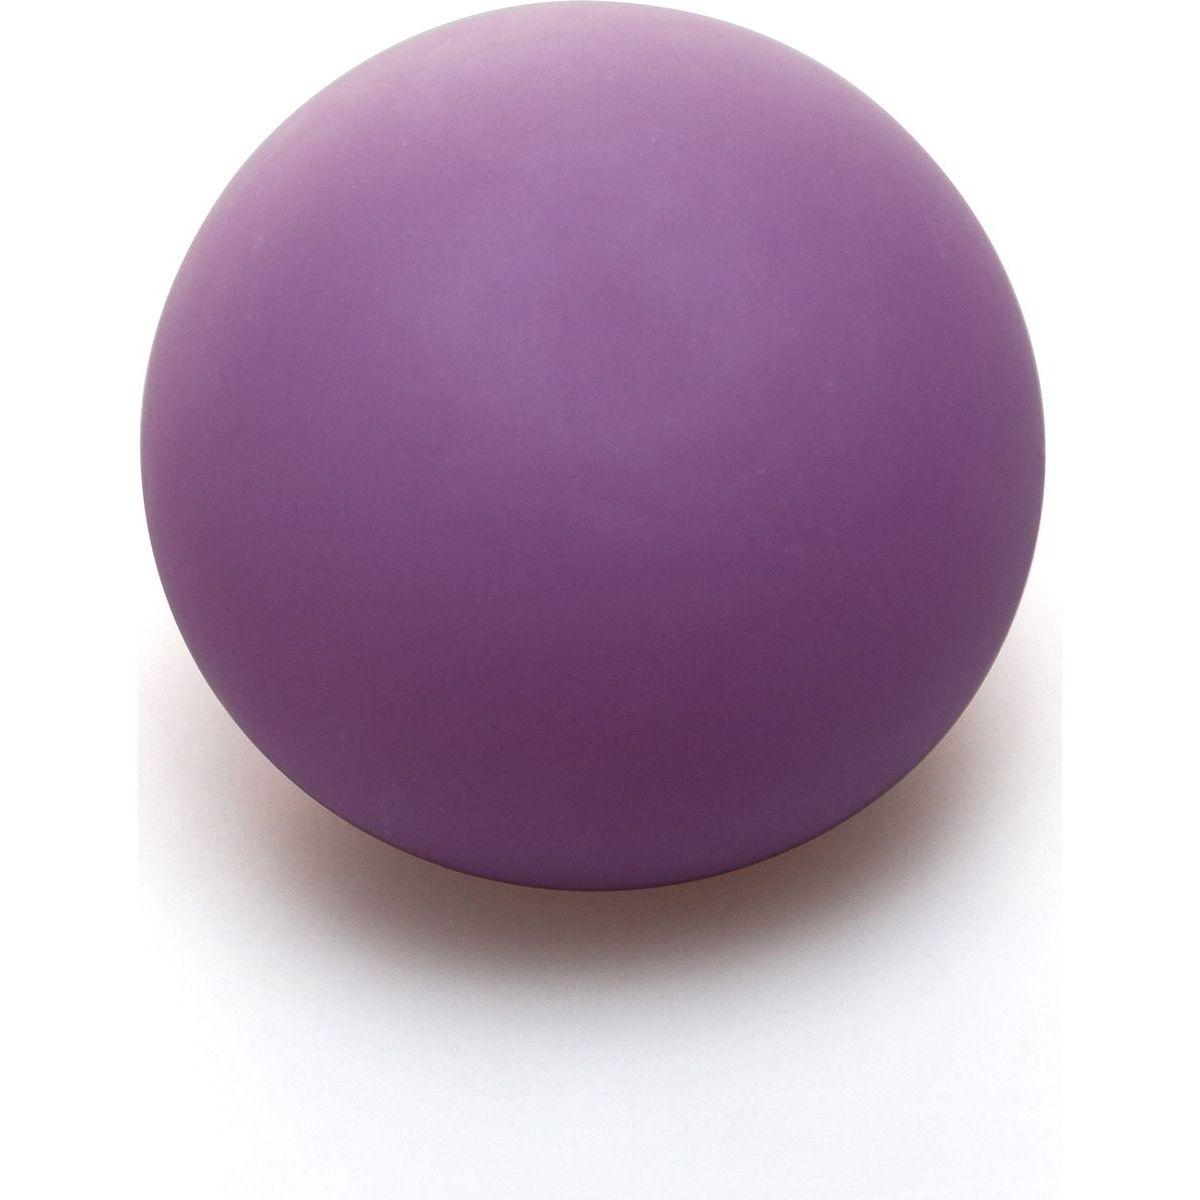 Antistresový loptička 6,5 cm svietiace v tme fialový